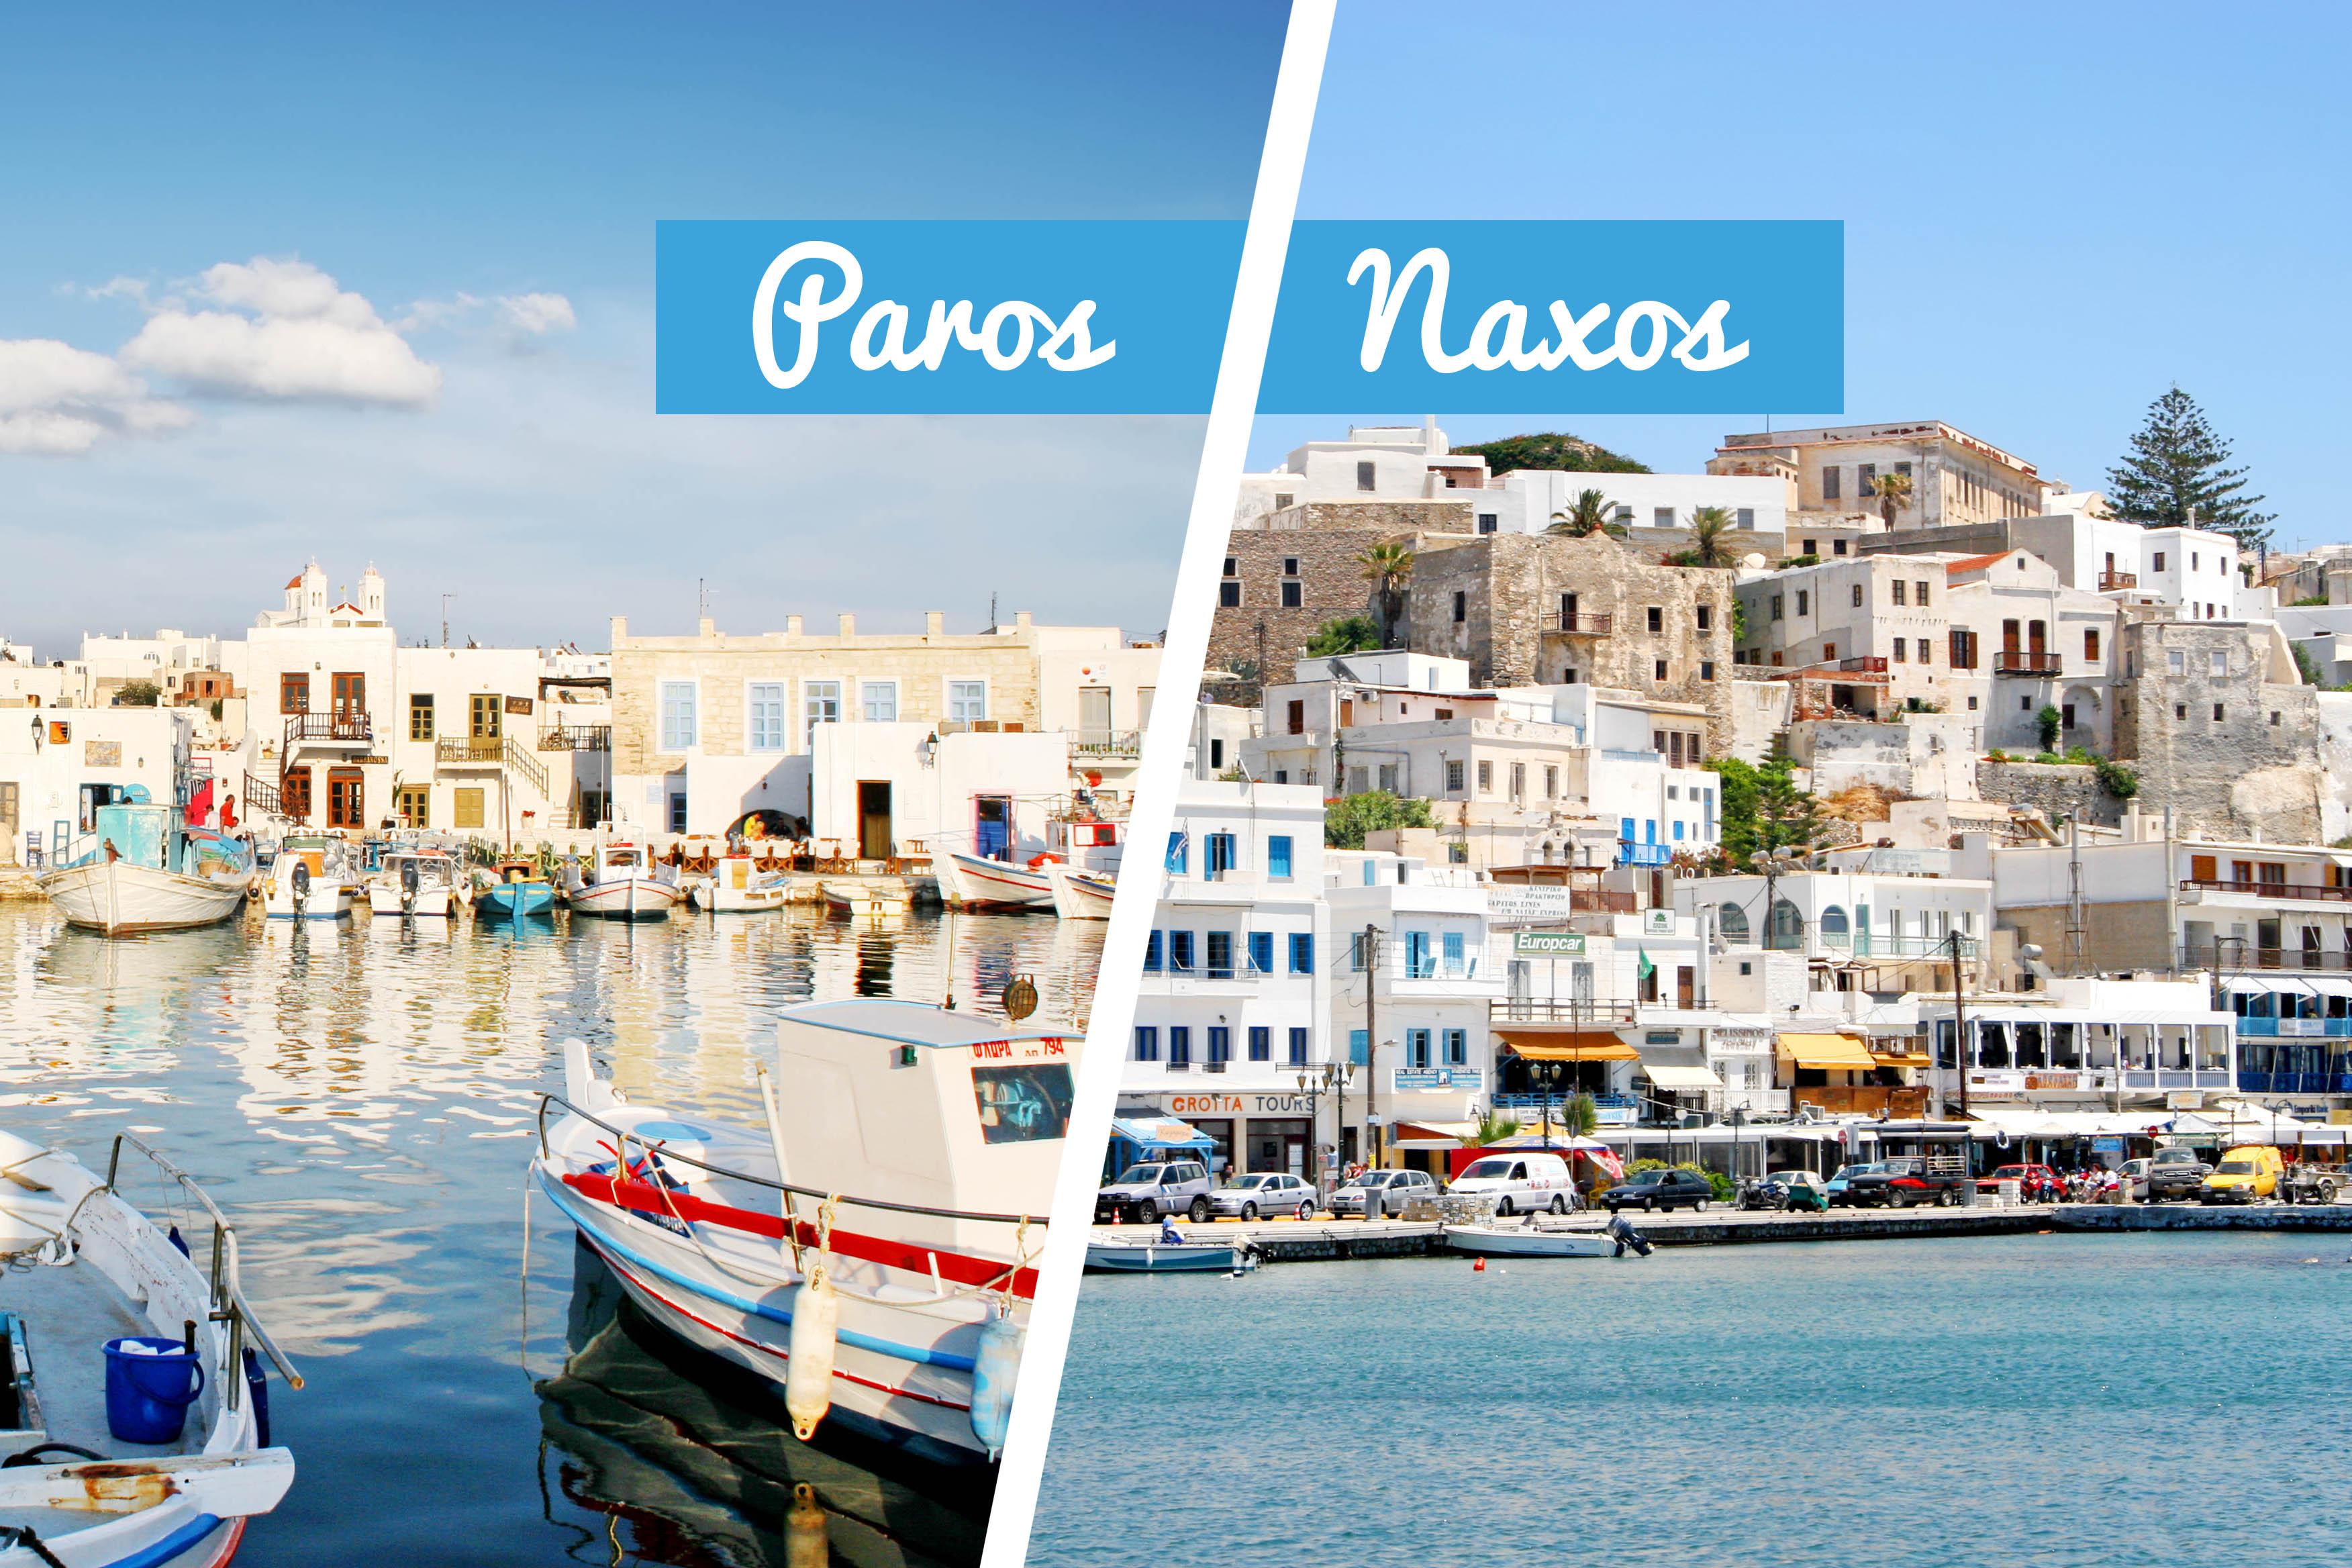 Paros or Naxos?